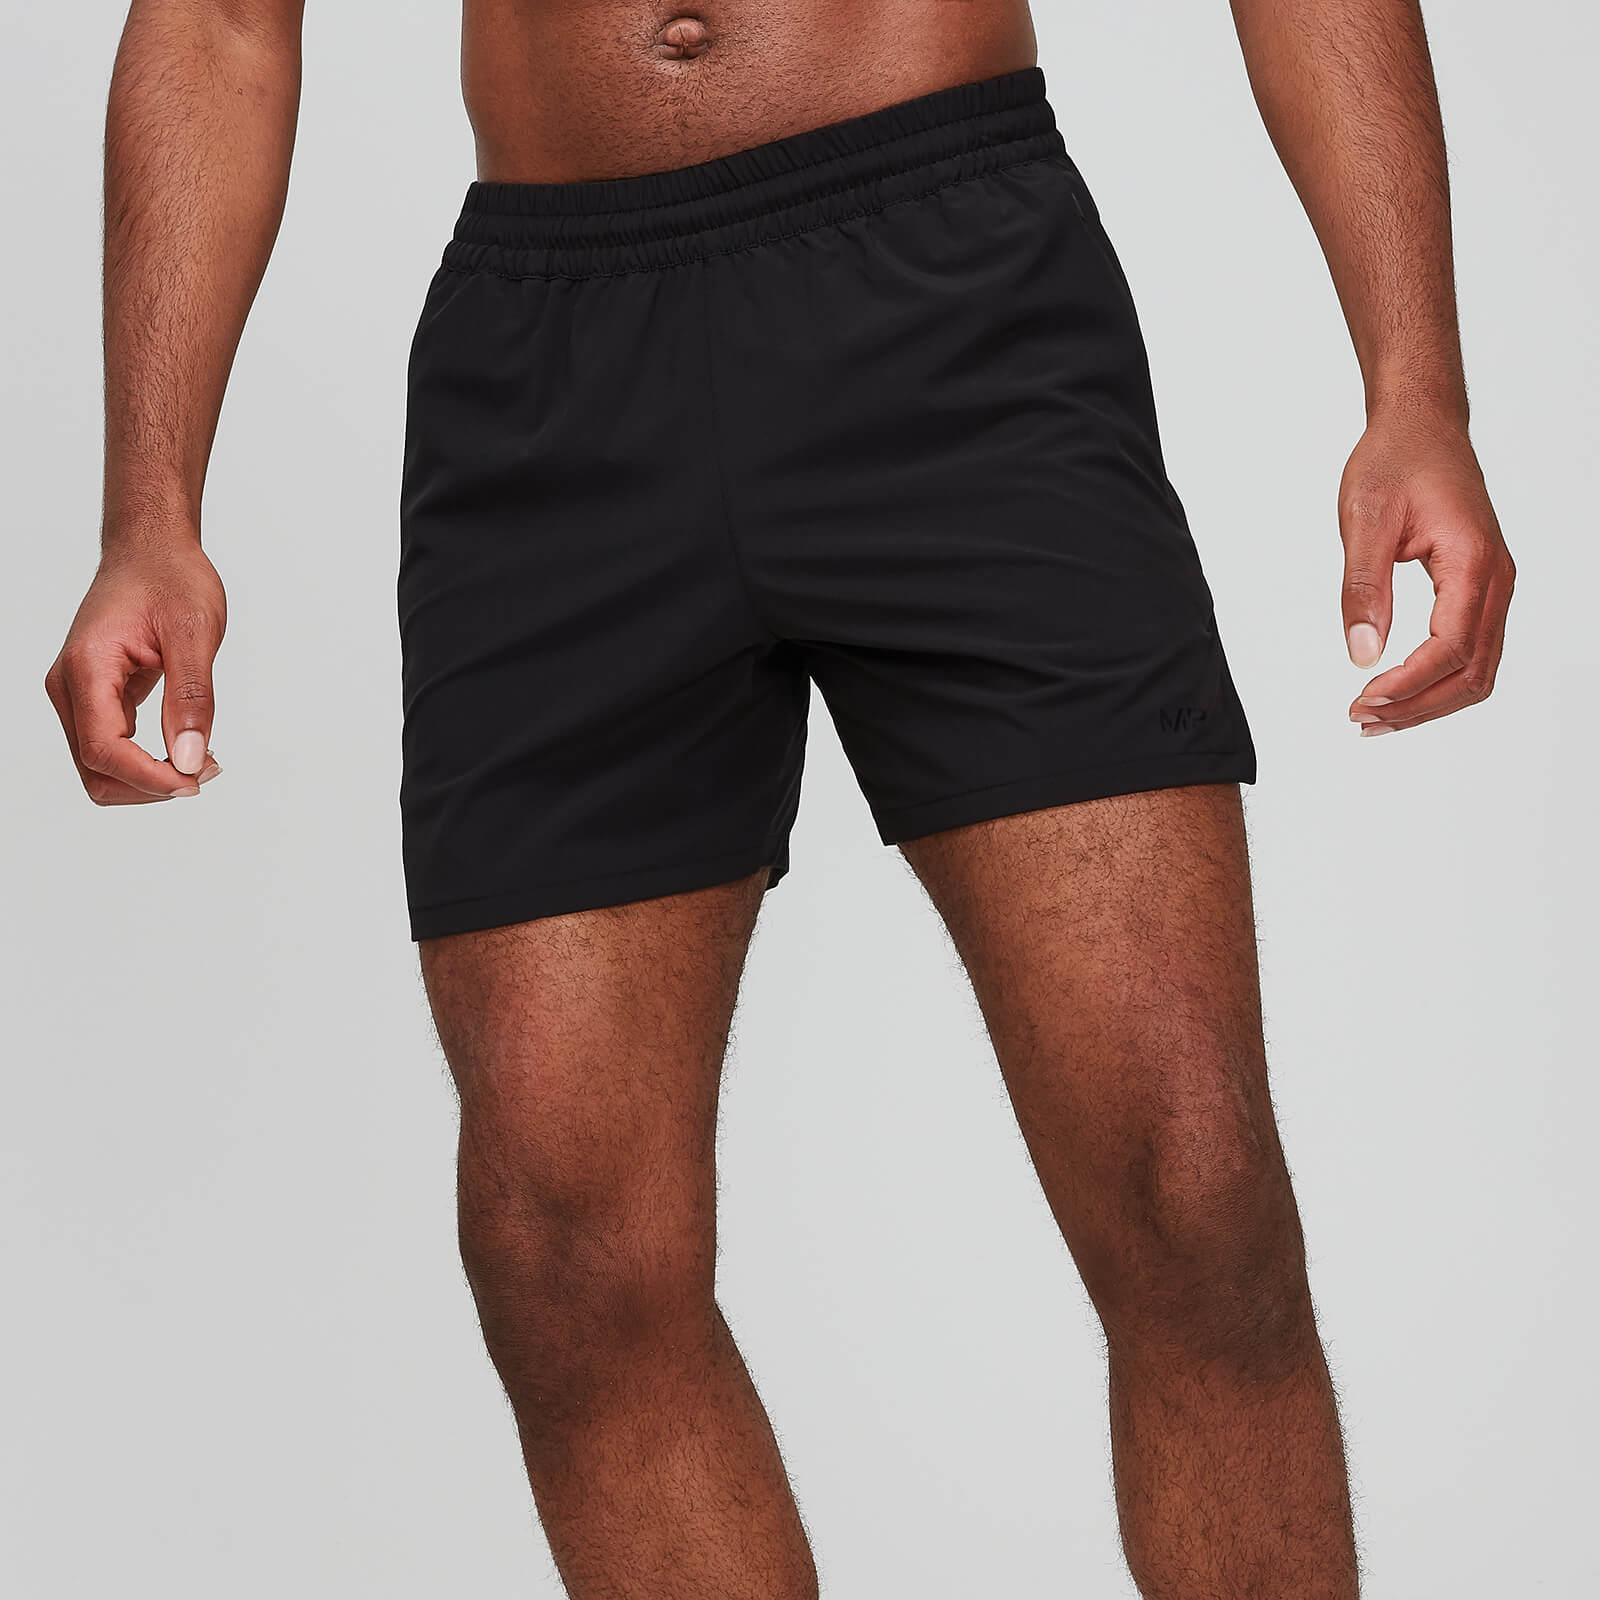 Myprotein MP Essentials Training 5 Inch Shorts - Black - XL